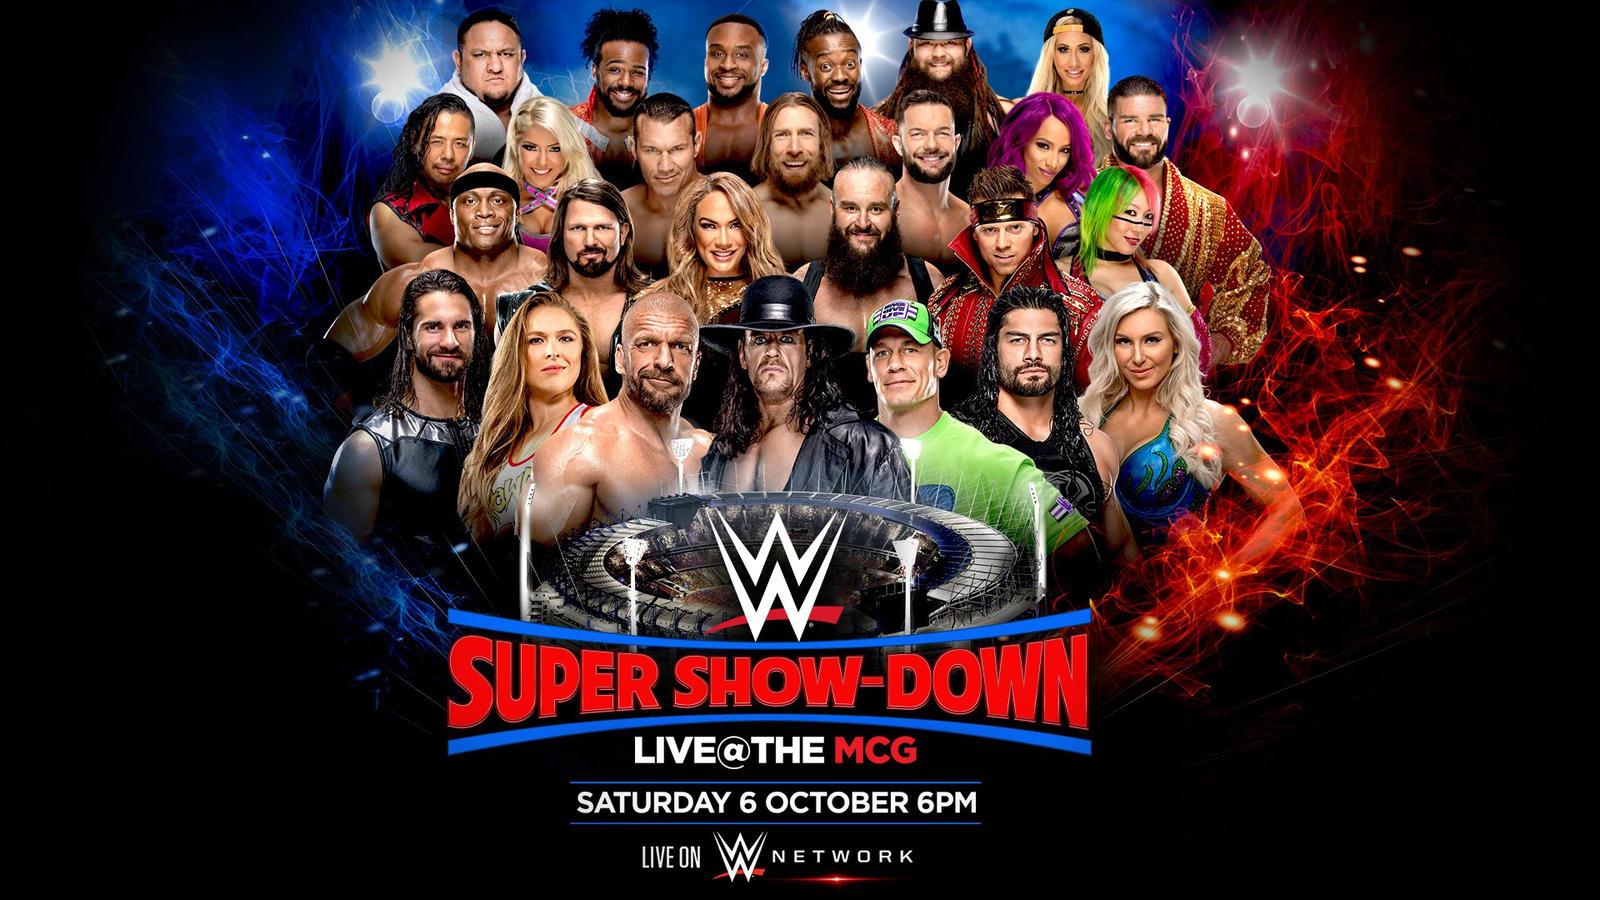 WWE PEYTON ROYCE Collage Poster